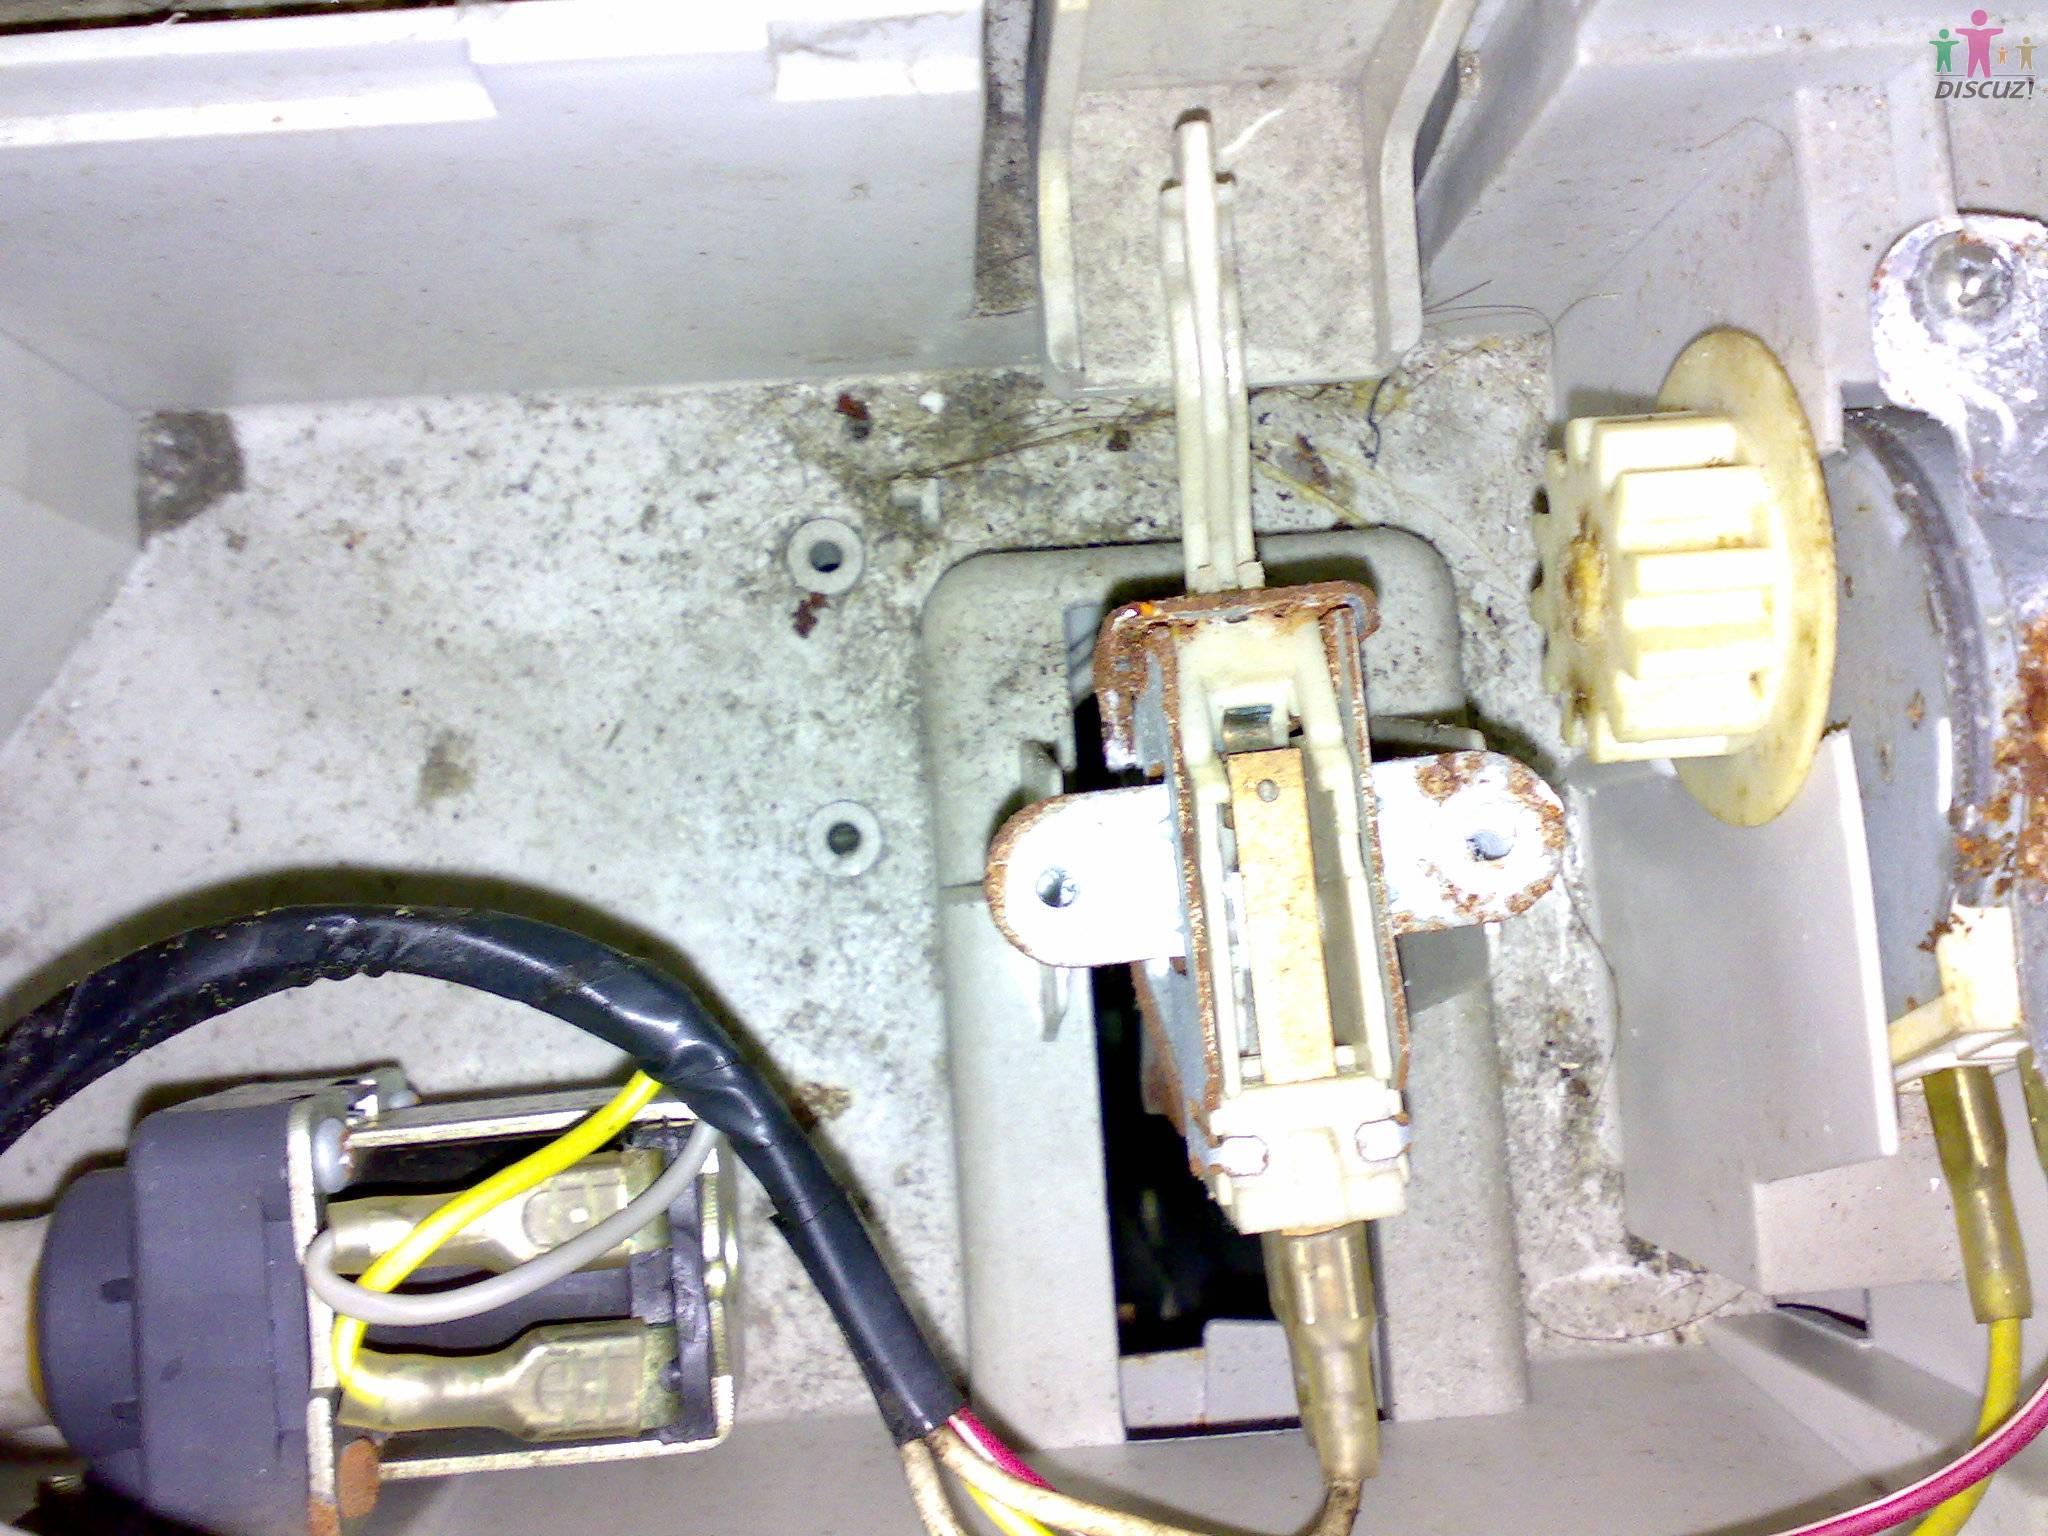 金铃全自动洗衣机脱水时显示e3